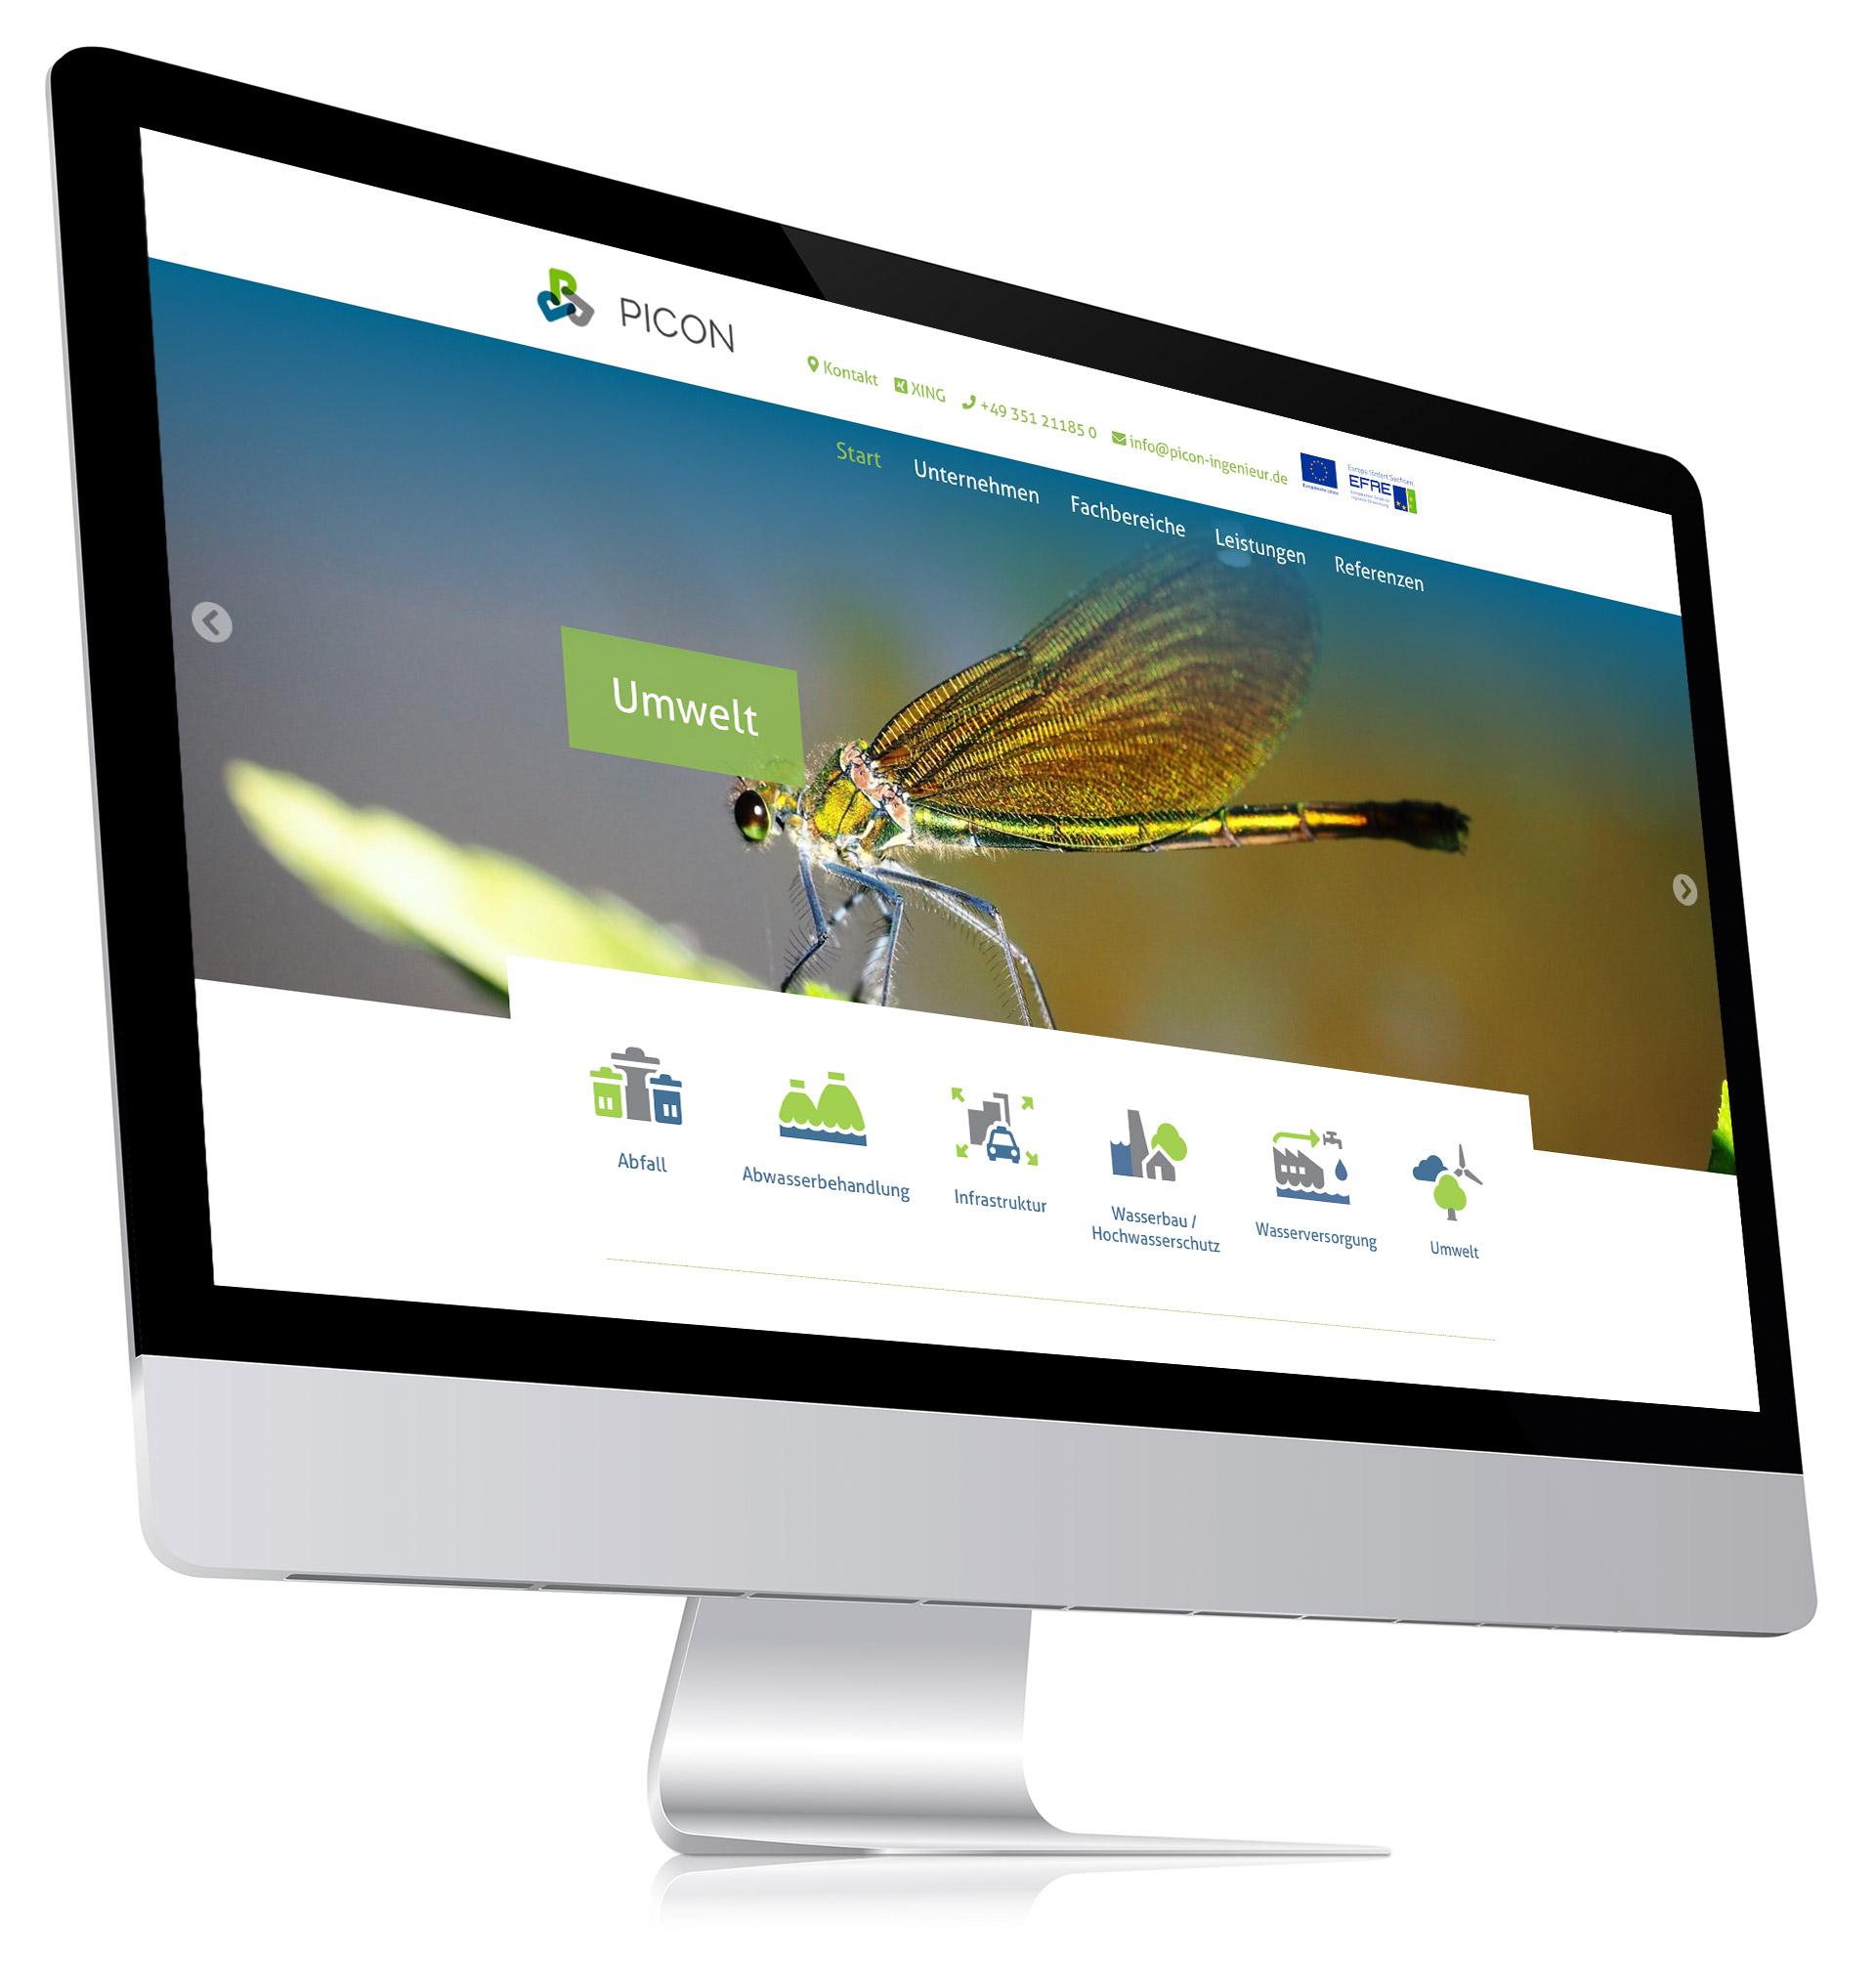 Visualisierung Picon-Webseite Desktopansicht